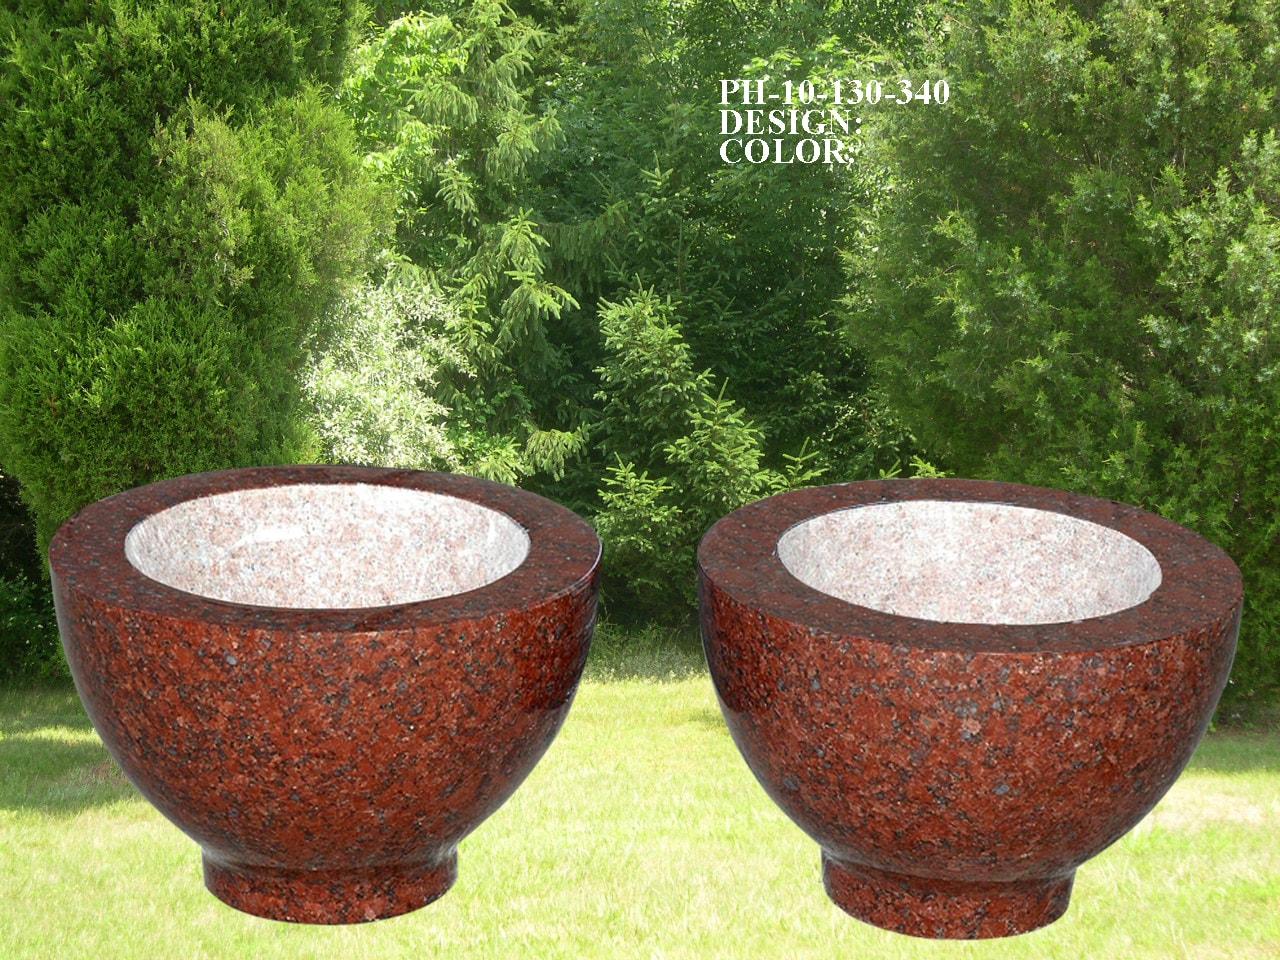 EG-10-130-340 / India Red / Bowl Vase